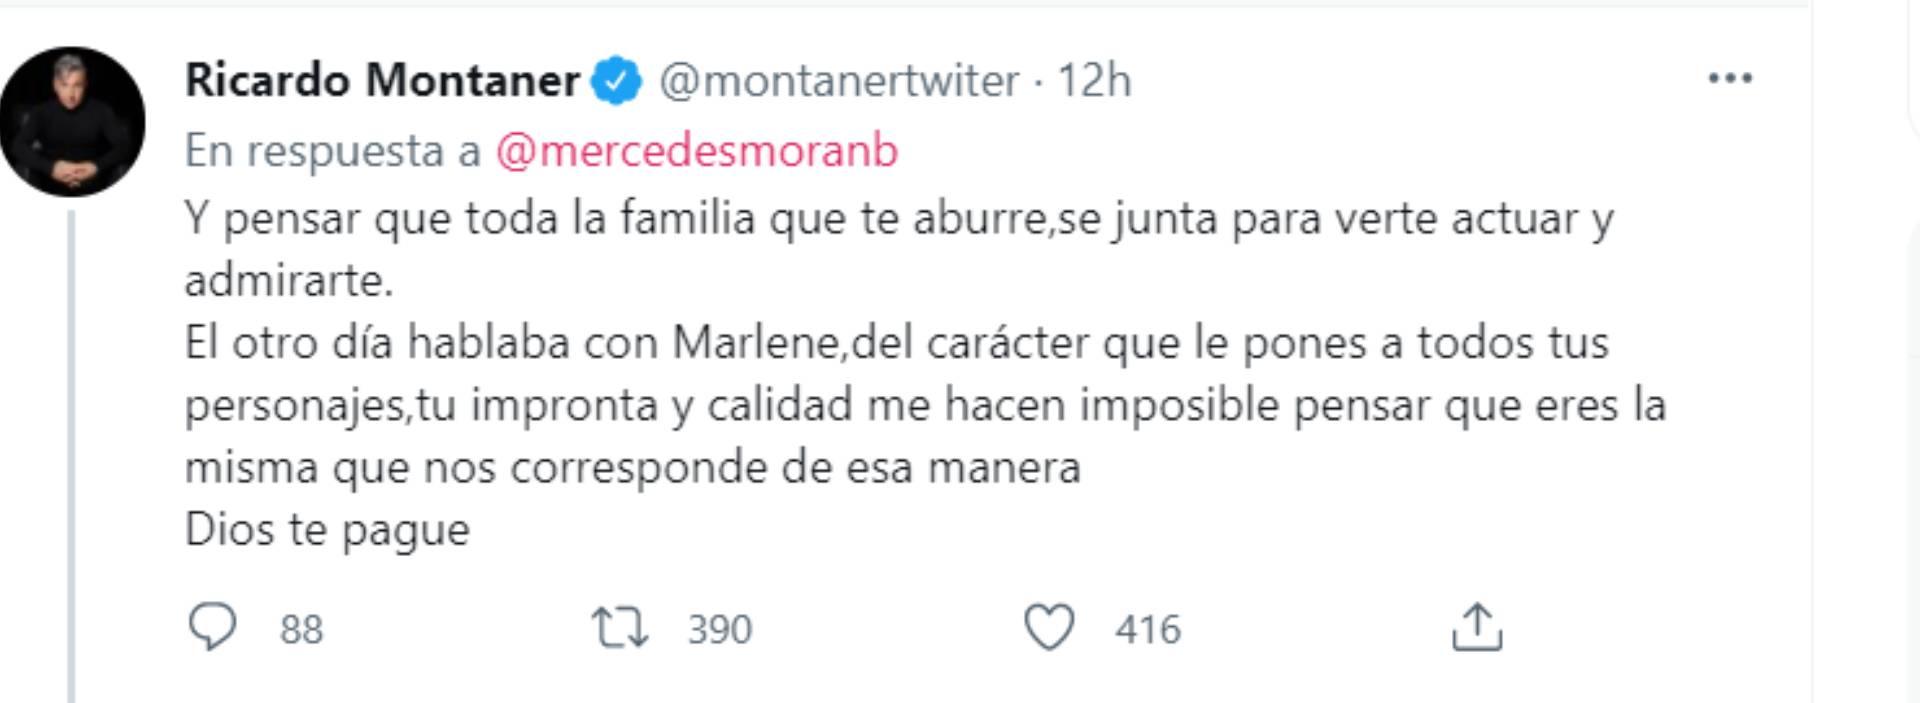 La respuesta de Montaner a Morán